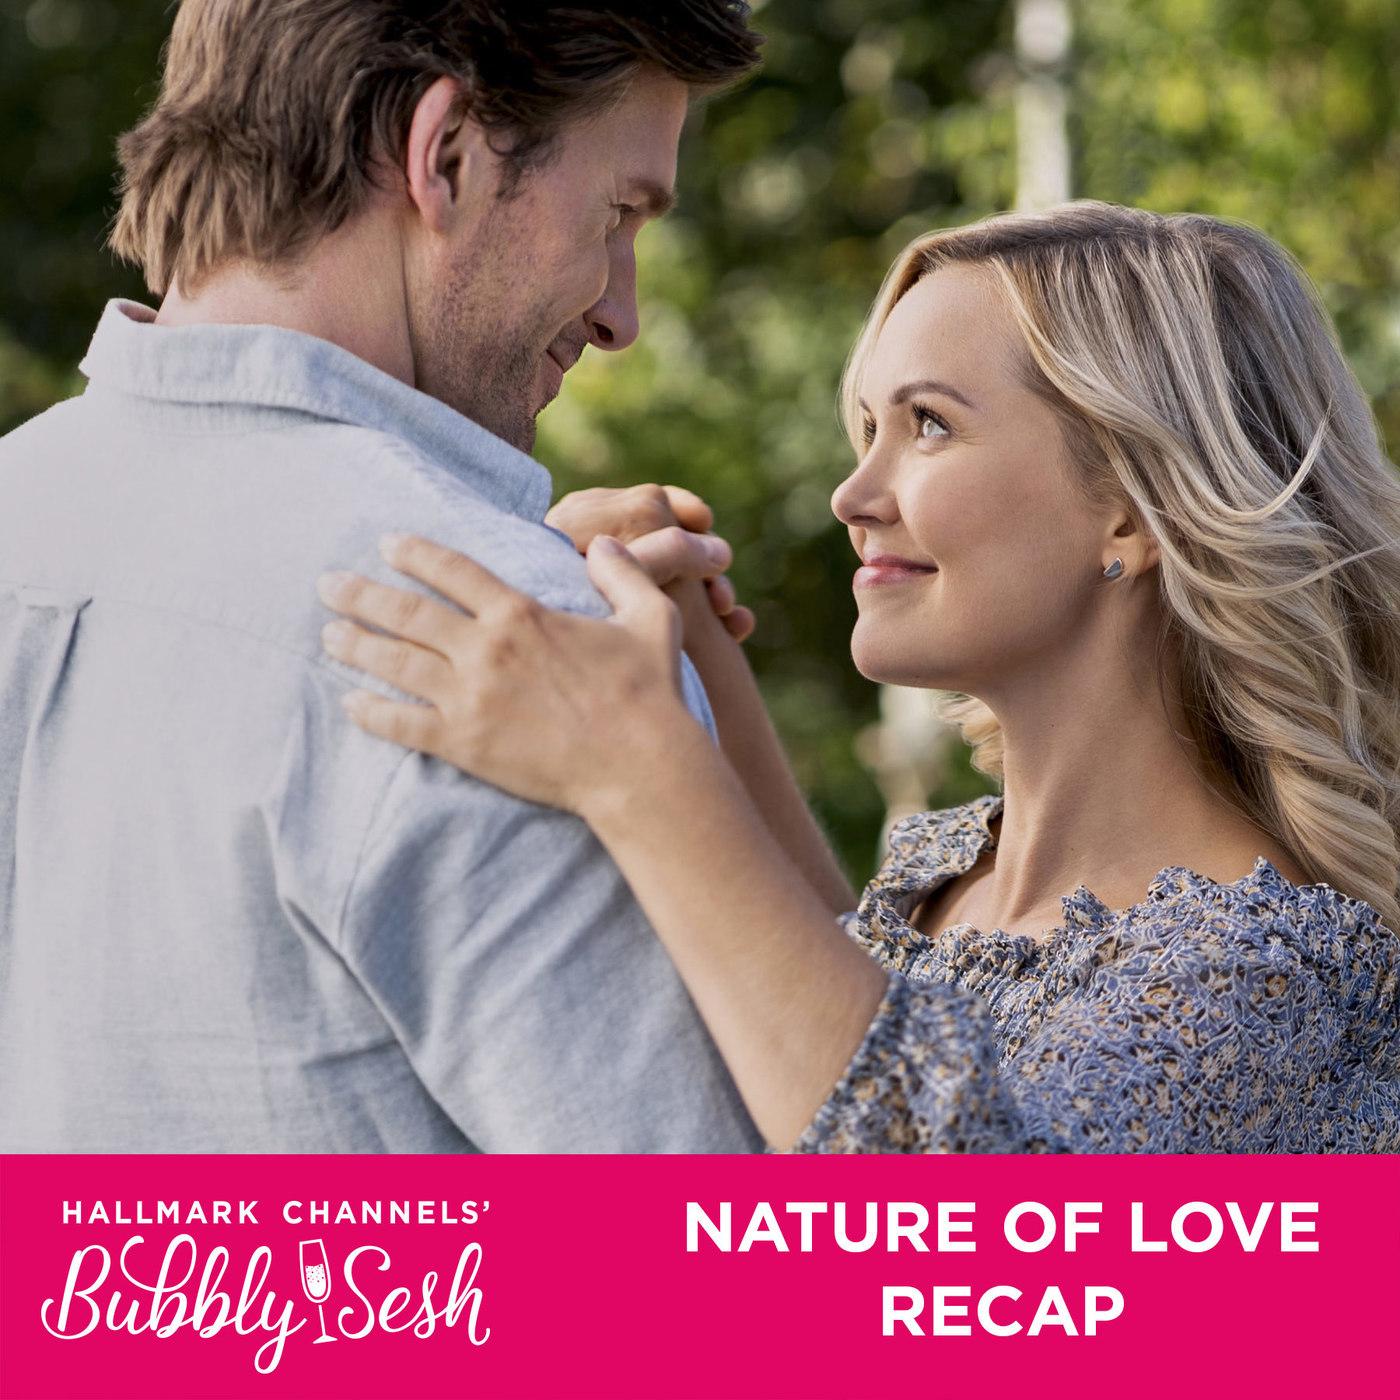 Nature of Love Recap